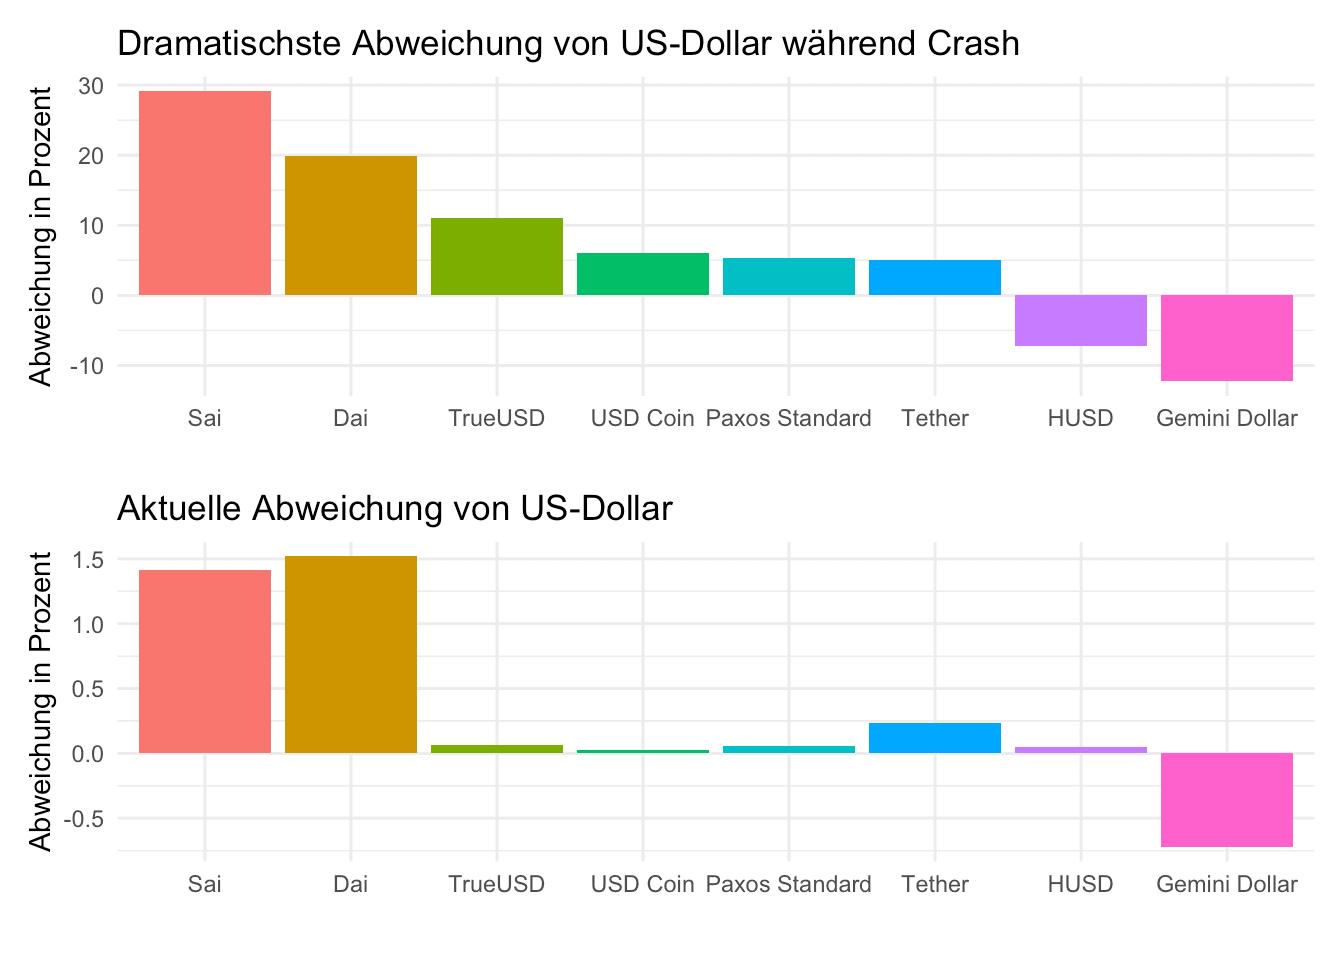 Chart, der die Abweichungen von der US-Dollar-Kopplung darstellt. Am dramatischsten ist das bei DAI und SAI.